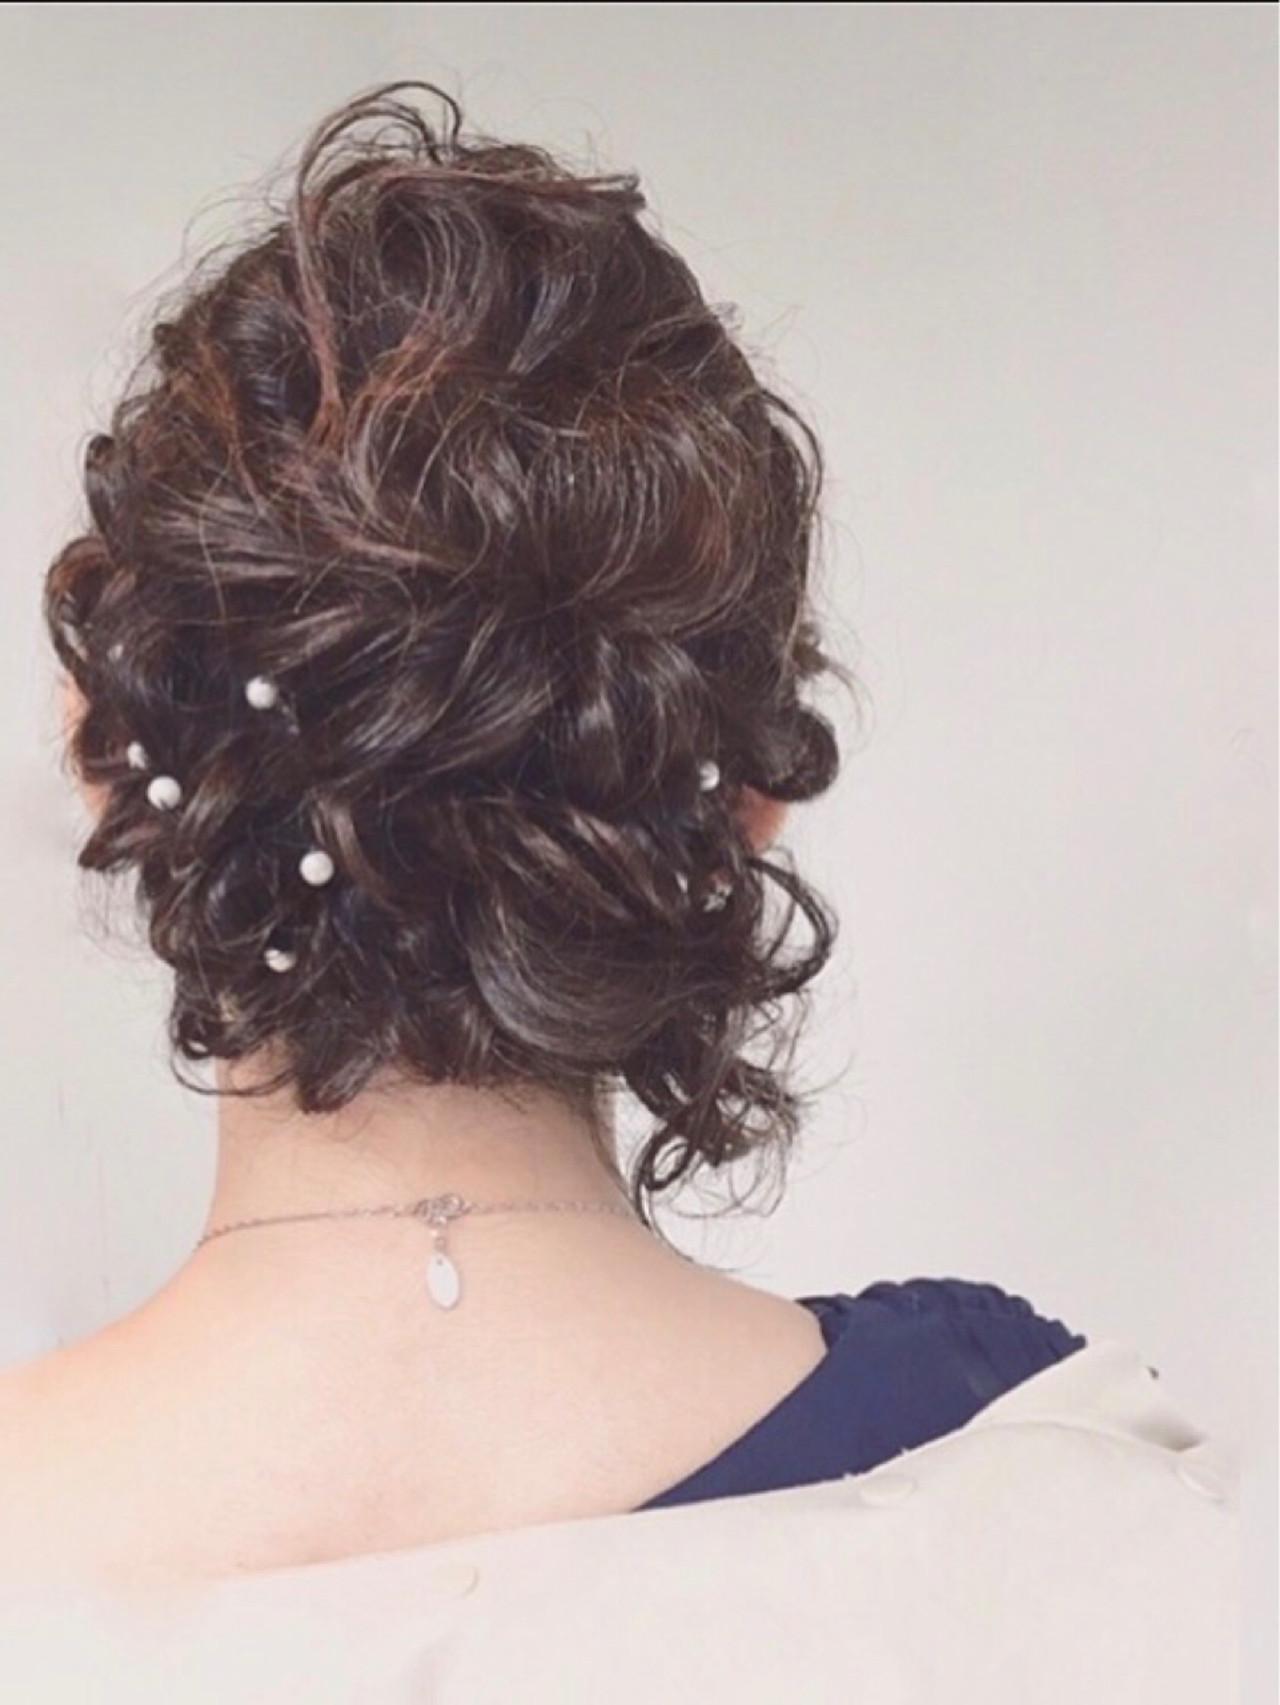 ハーフアップ ショート ヘアアレンジ ミディアム ヘアスタイルや髪型の写真・画像 | ◆Takumi◆ / Beronica